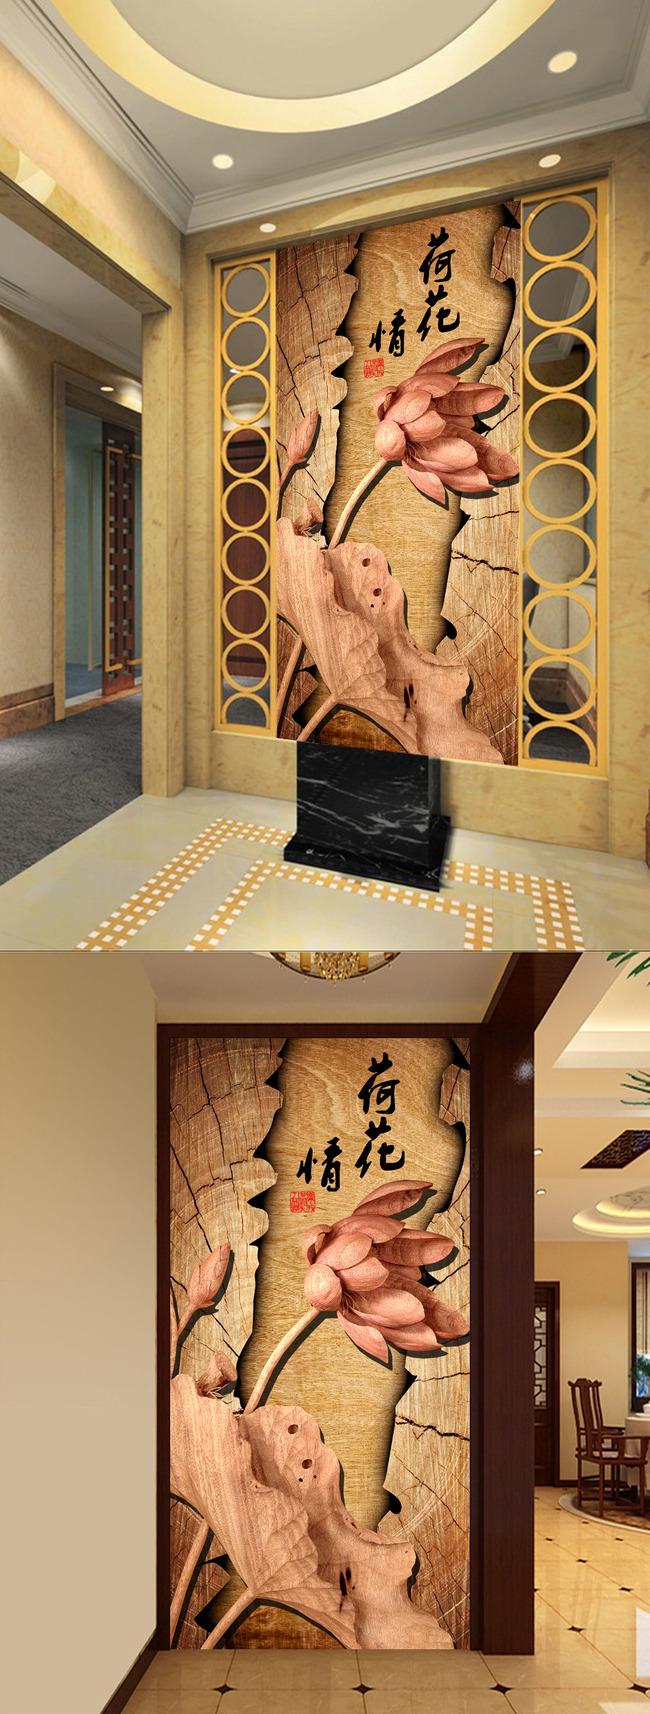 高档立体木雕荷花玄关过道背景墙装饰画